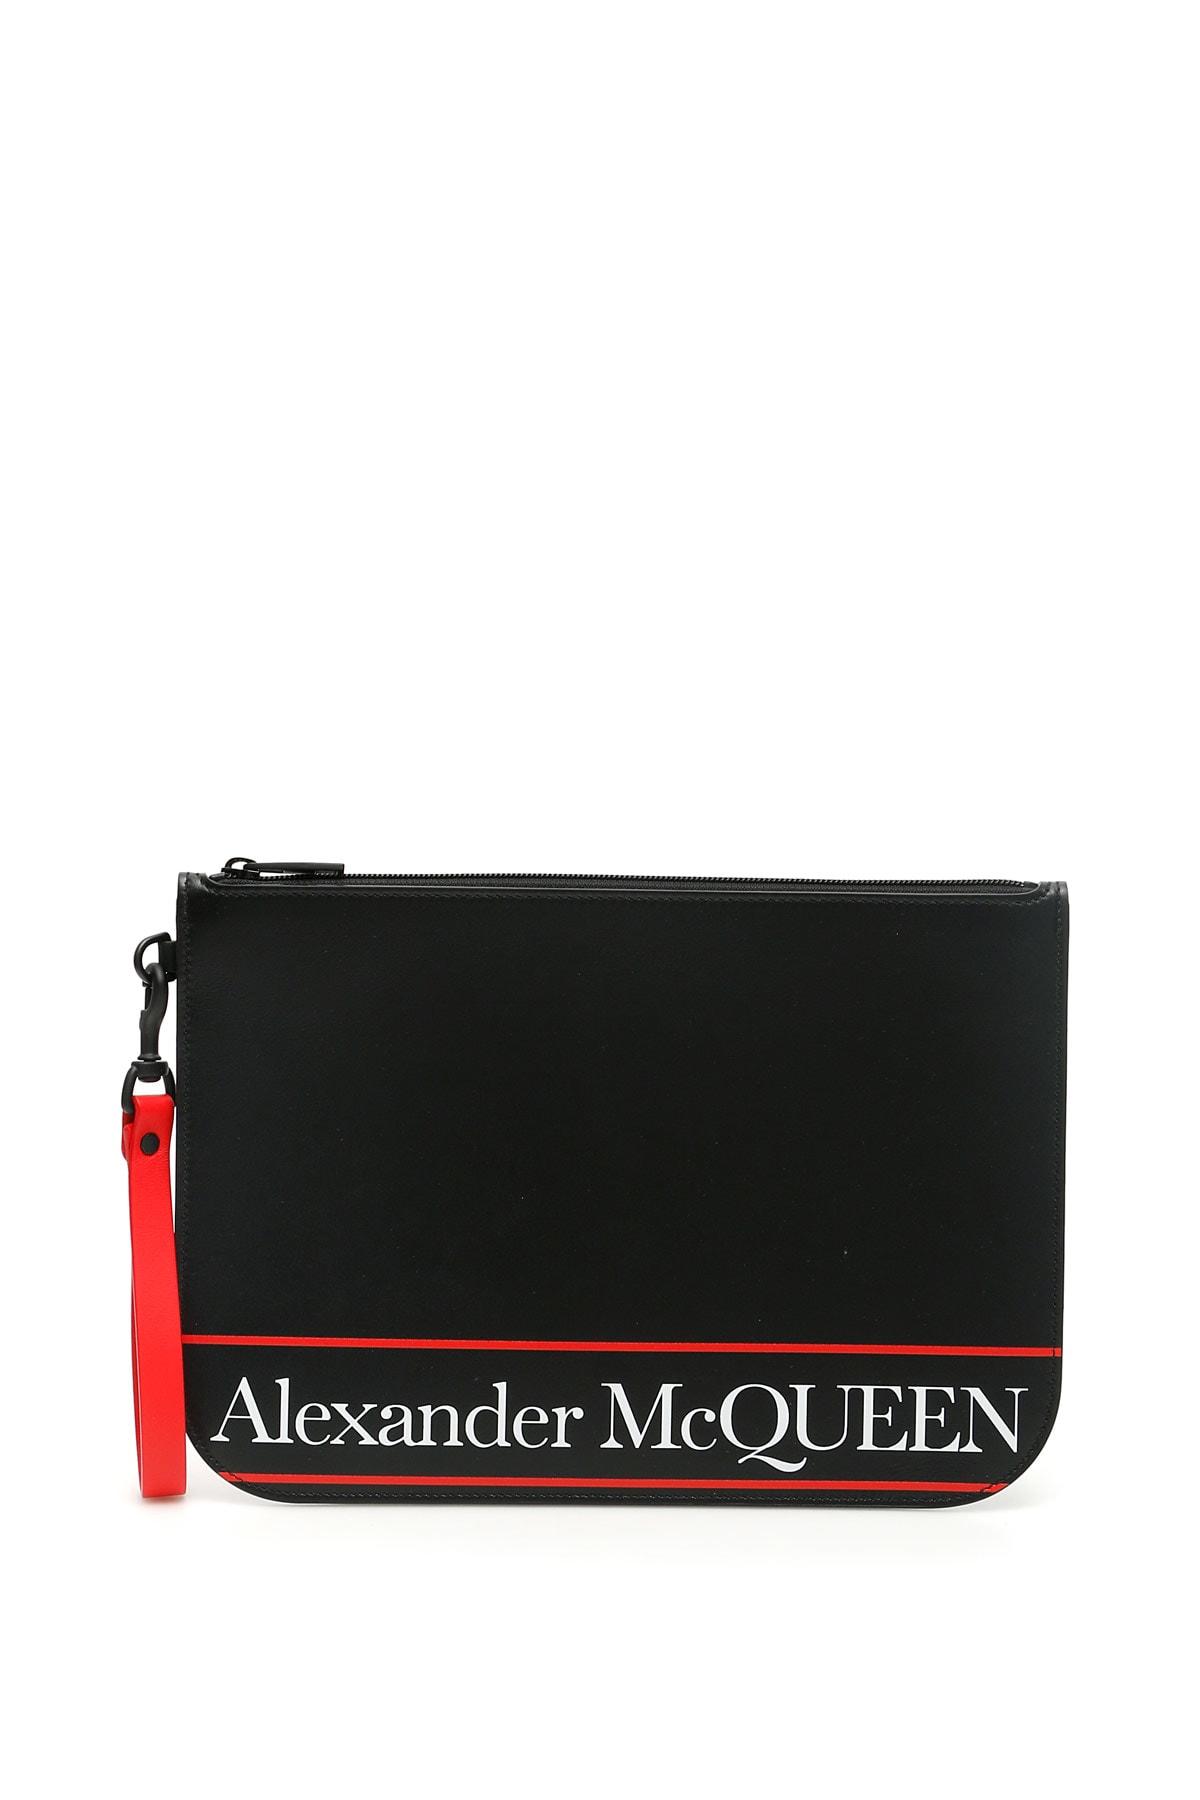 Alexander Mcqueen Pouches SELVEDGE LOGO POUCH